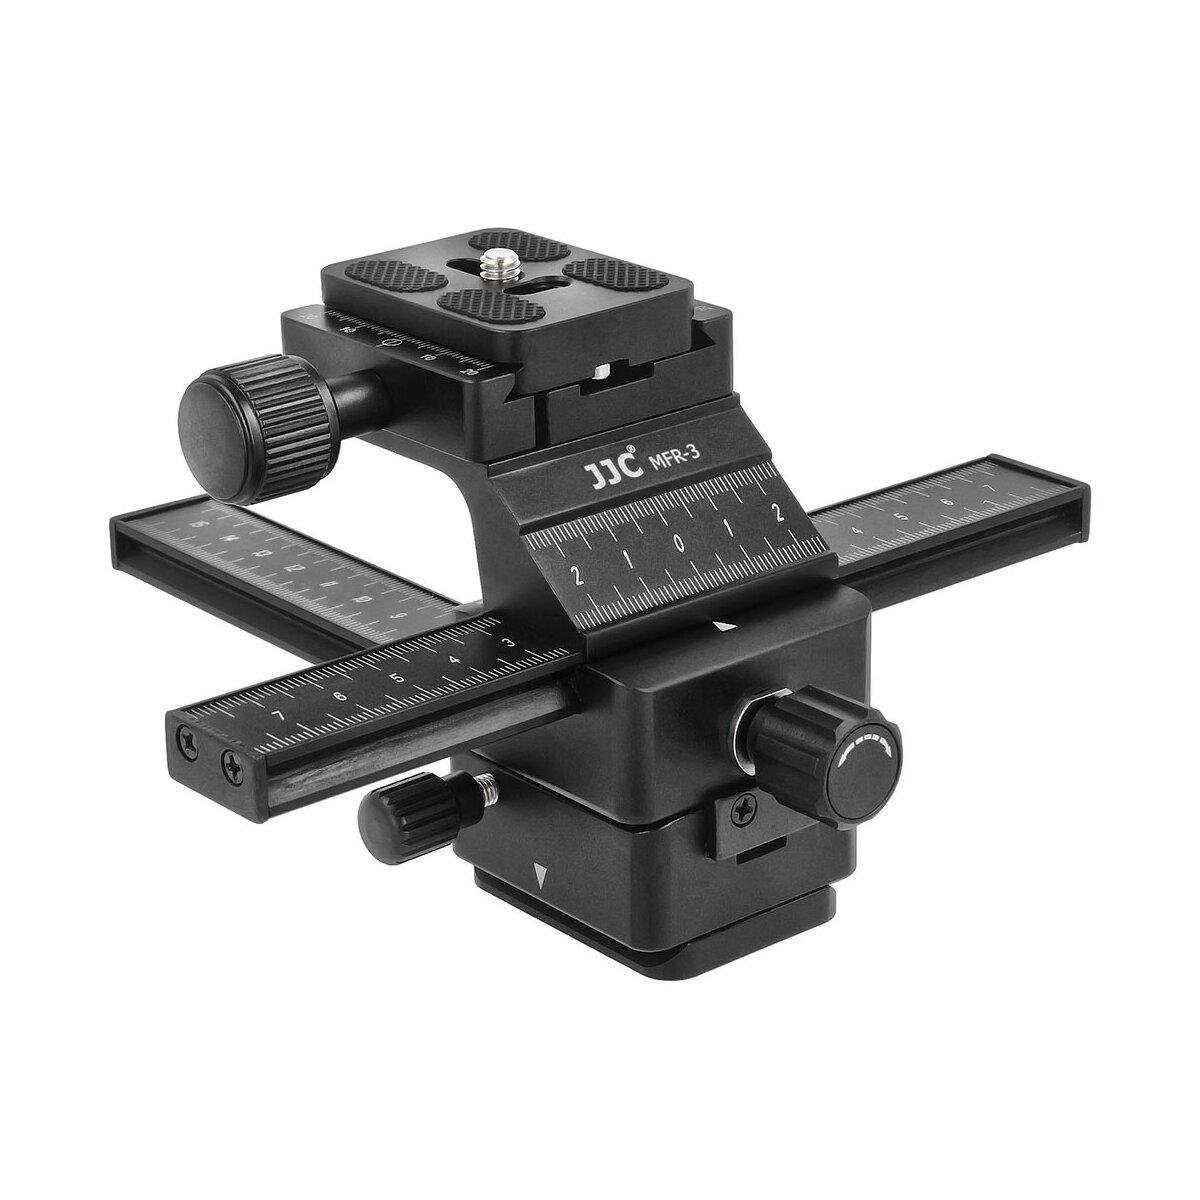 JJC MFR-3 Professioneller 16cm 3D Einstellschlitten 4-Wege Makroschiene Kreuzschlitten für Panorama- und Makrofotografie